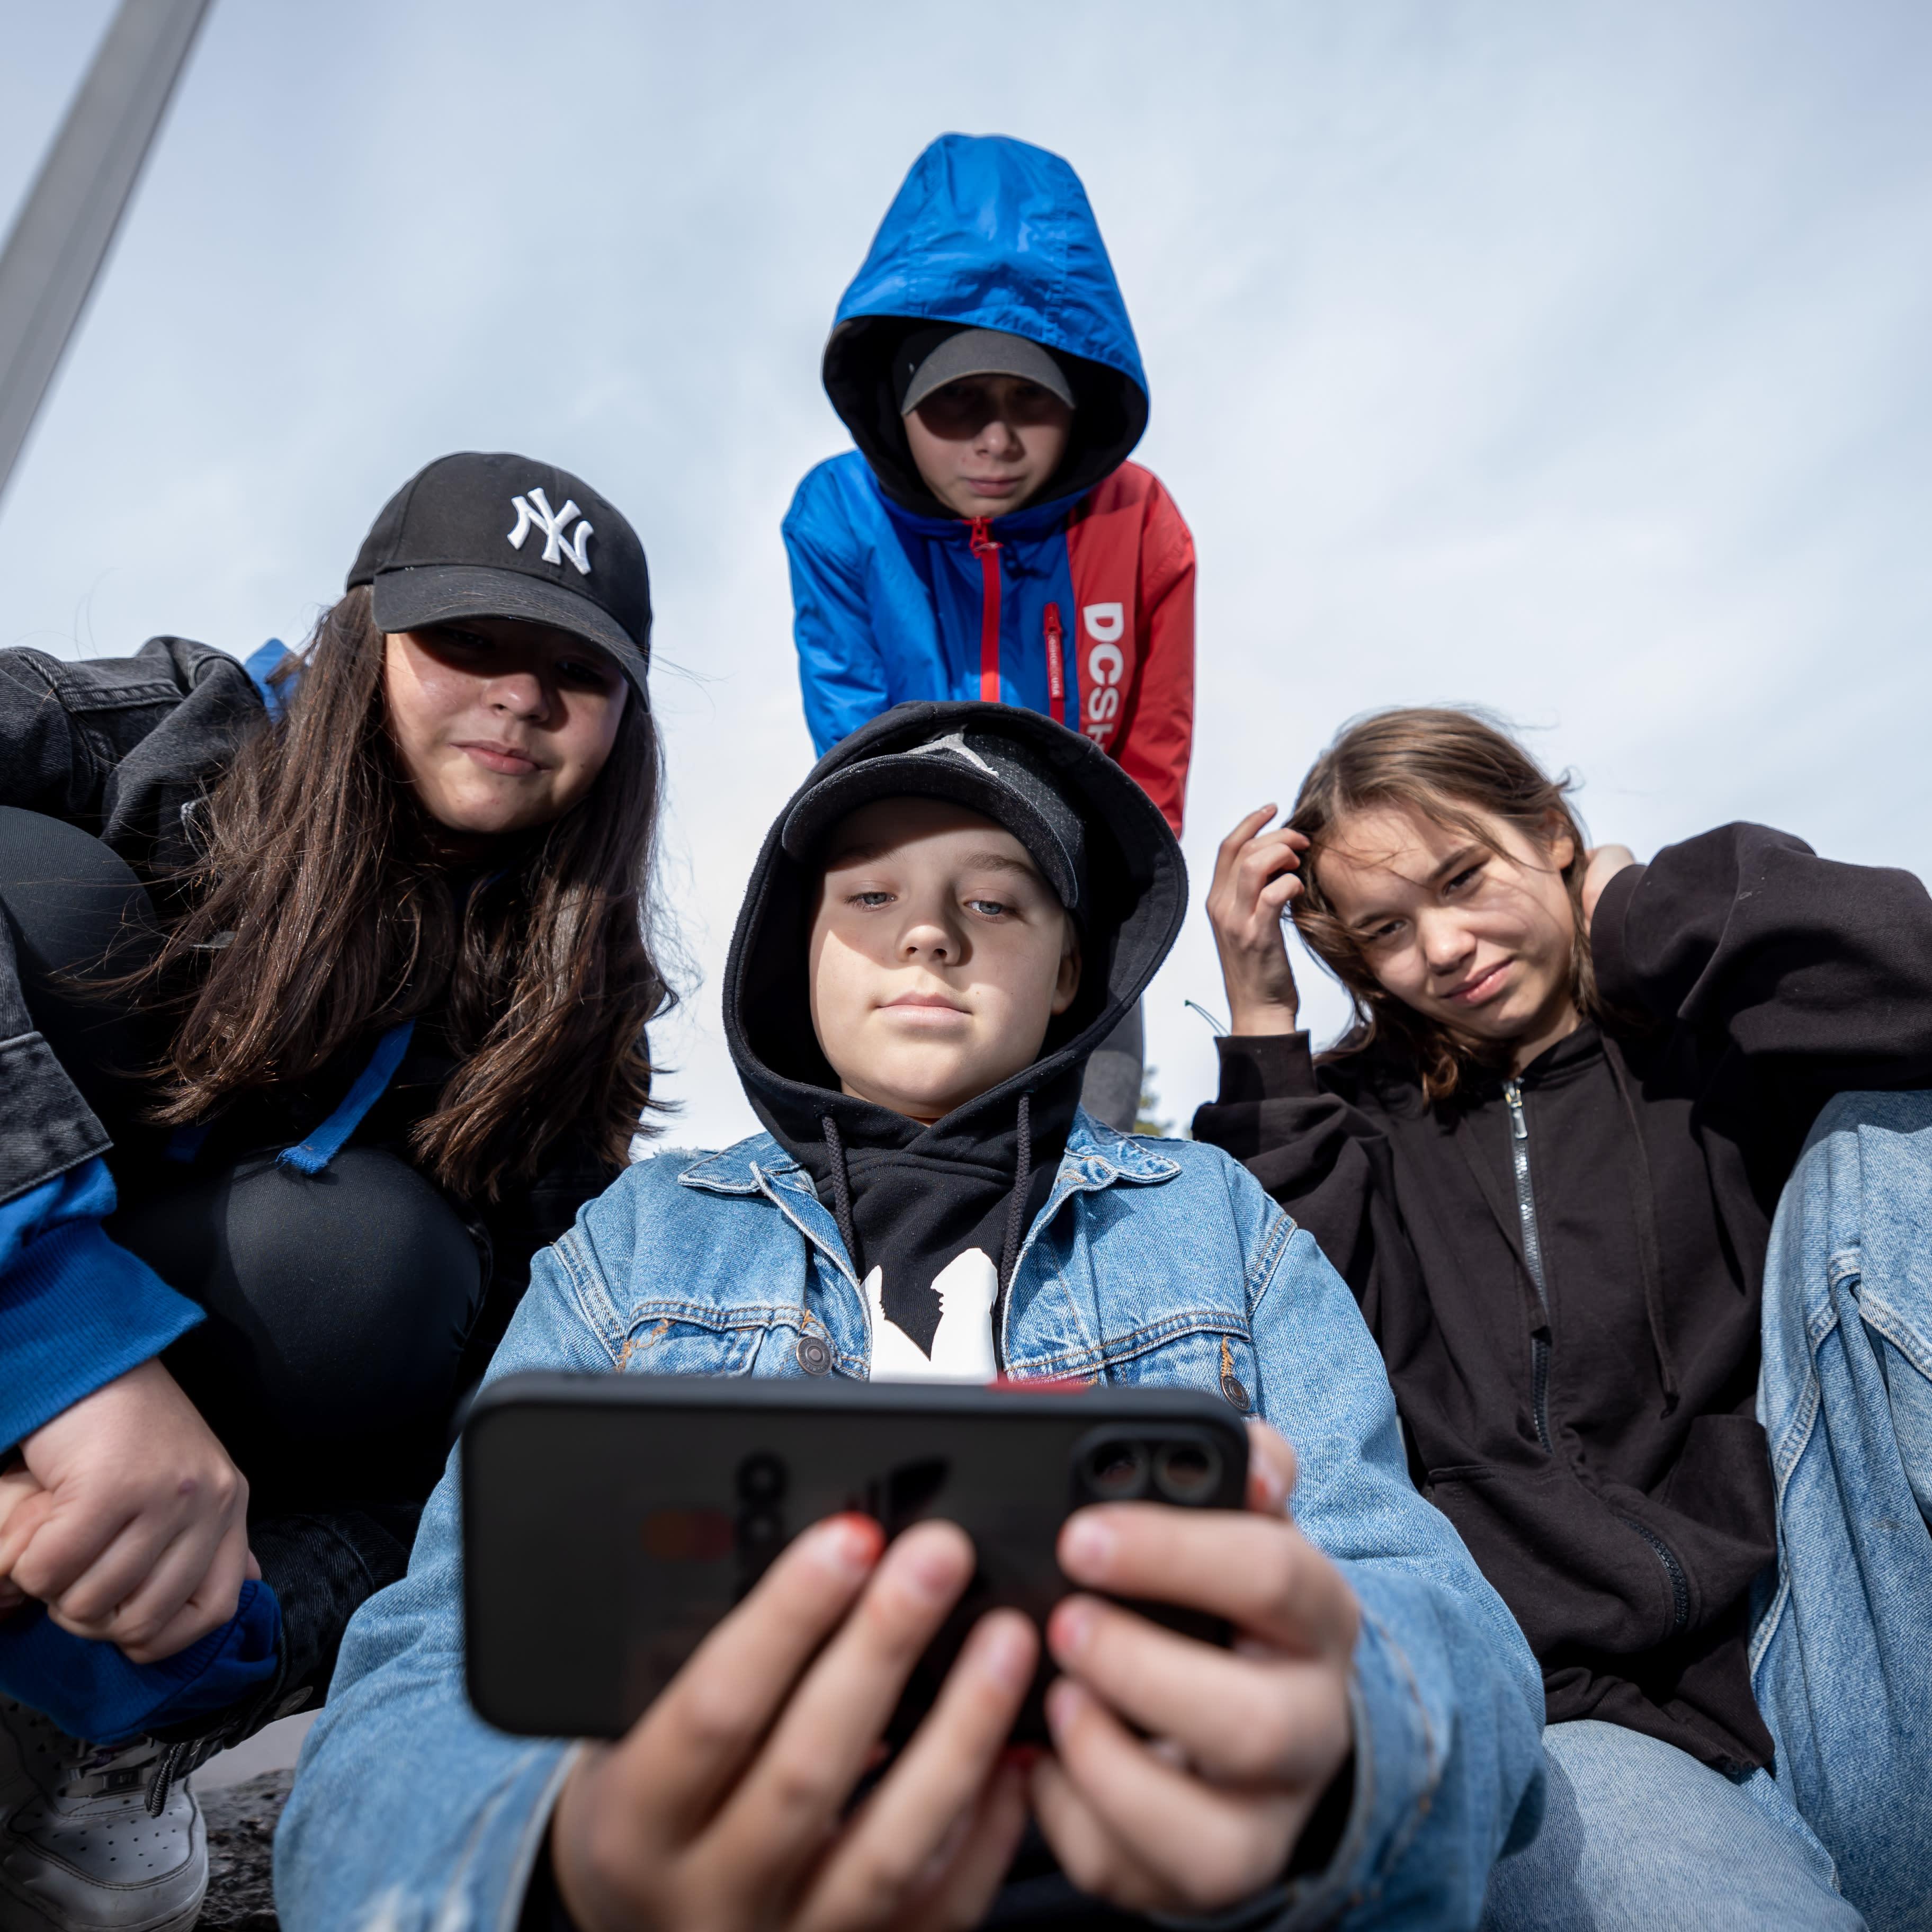 Ryhmä 7-luokkalaisia välitunnilla kännyköineen, Vuosaaren peruskoulu, Helsinki, 14.9.2021.